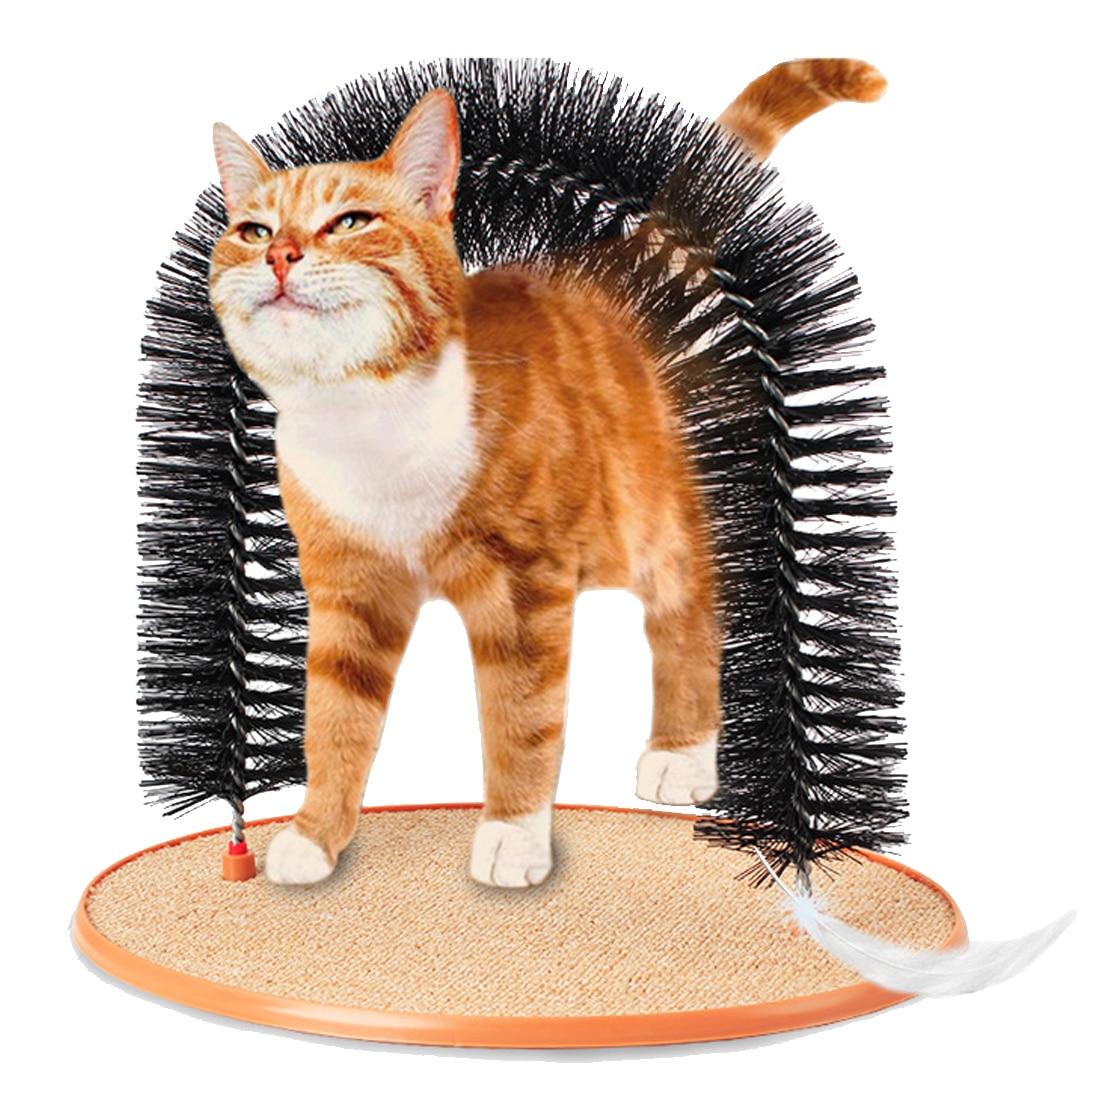 Pet Produkte Gute Bogen Haustier Katze Selbst Groomer Mit Runde Fleece Basis Katze Spielzeug Pinsel Spielzeug Für Haustiere Kratzen Geräte